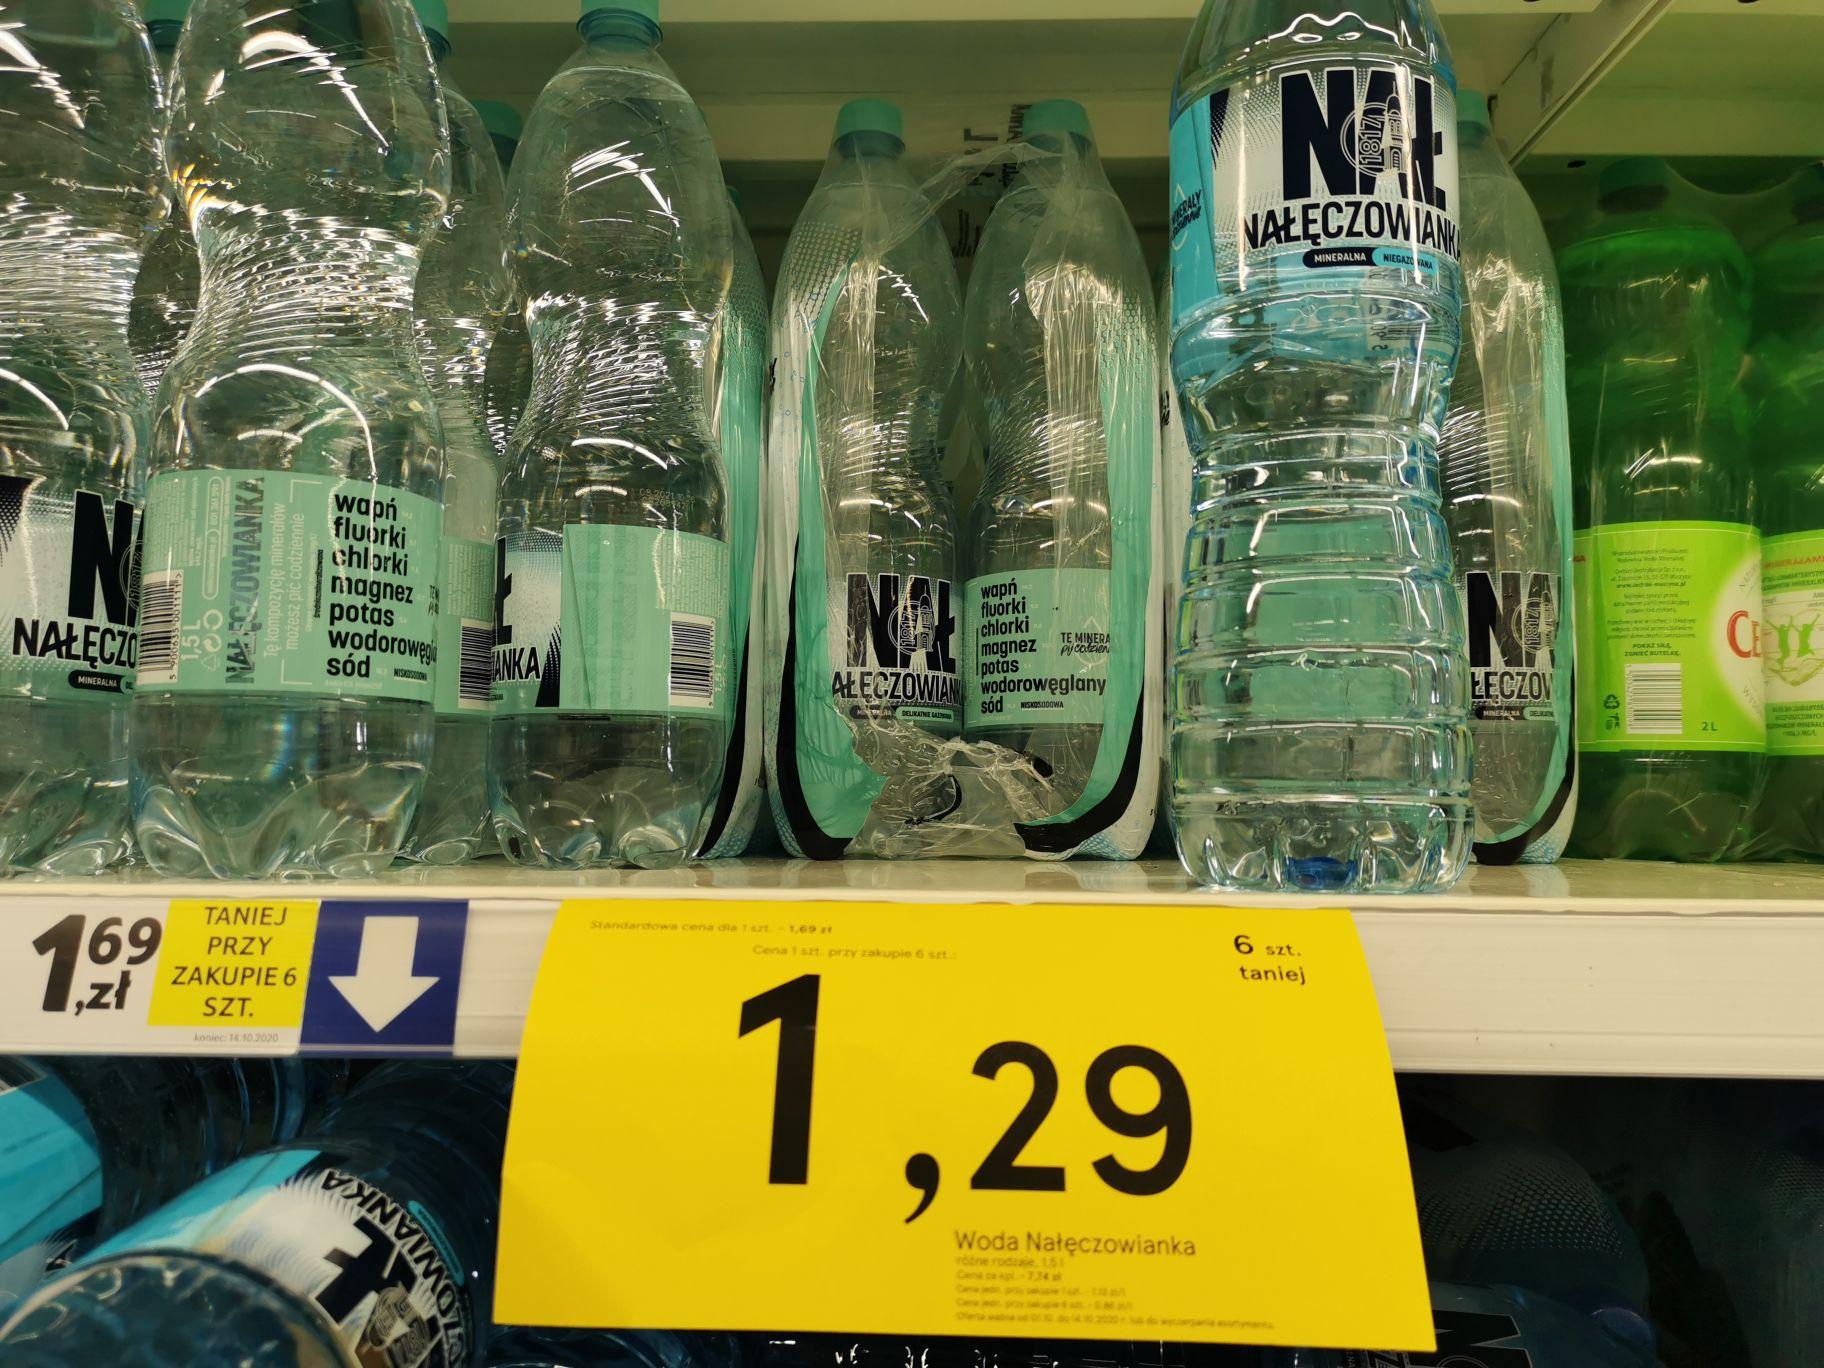 Woda Nałęczowianka 1.5l różne rodzaje za 1.29pln Tesco